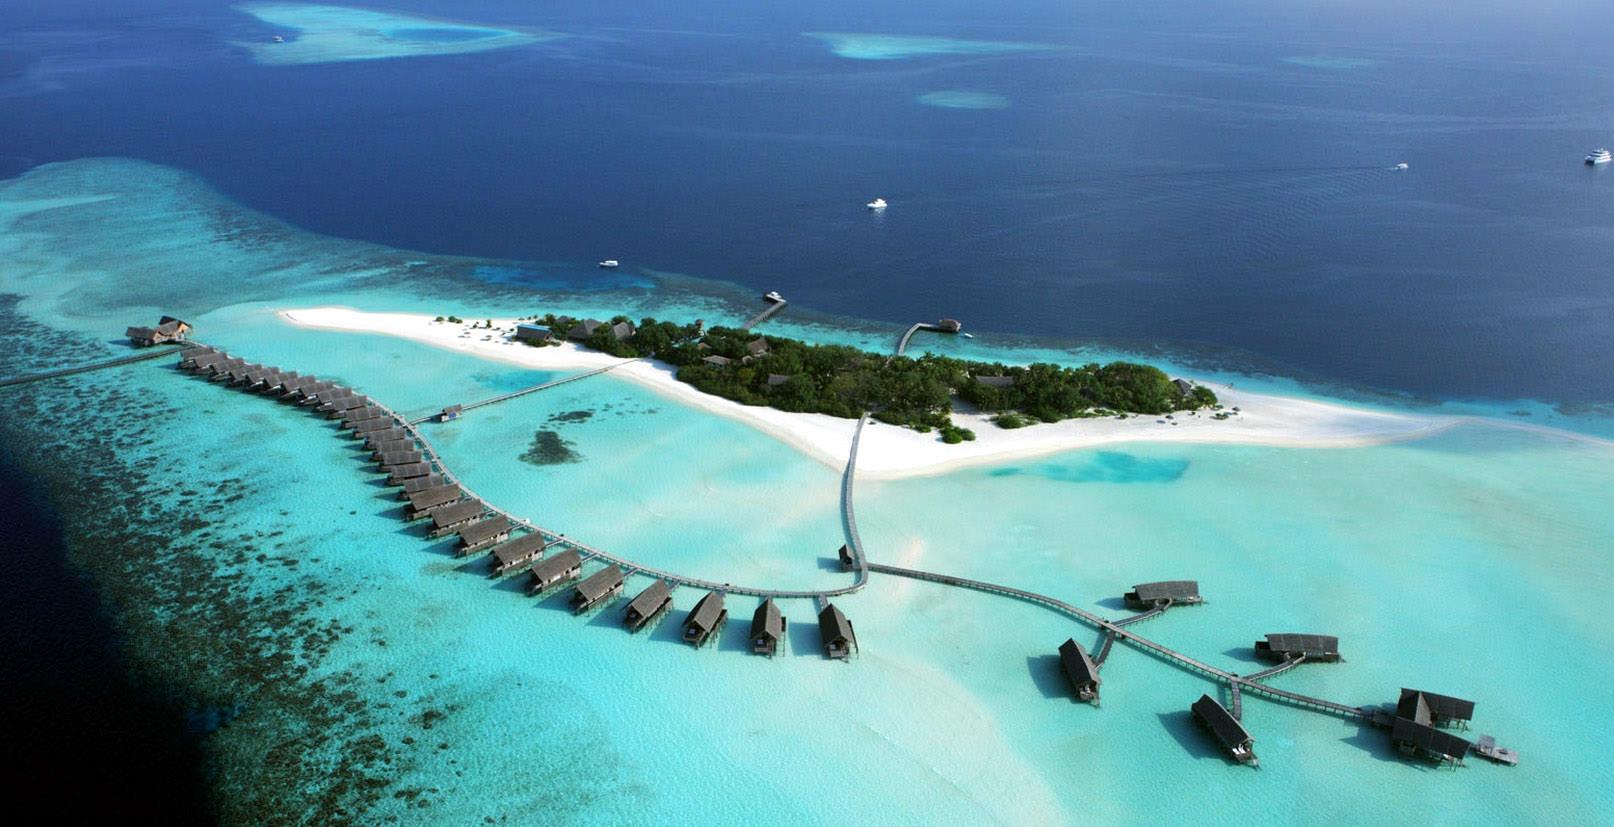 Traum Jedes Urlaubers Die Schönsten Inseln Der Welt Orangesmilecom